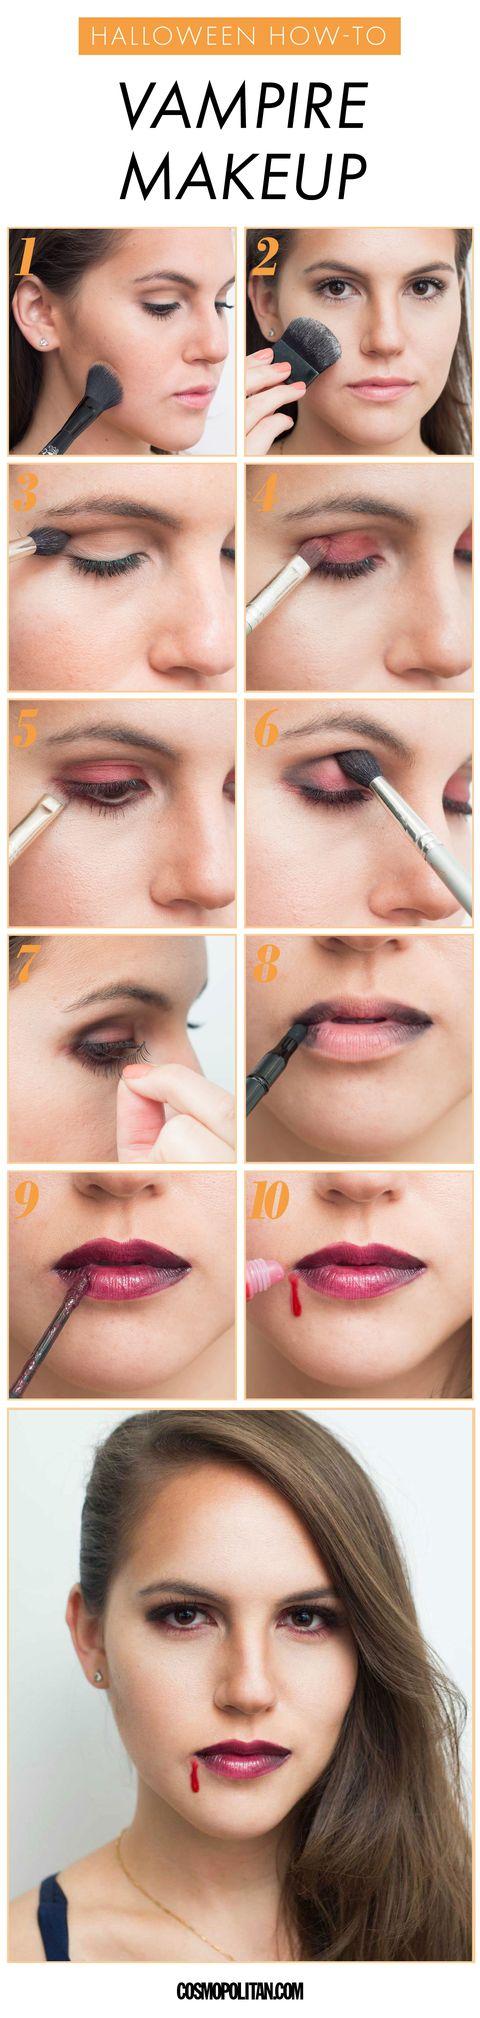 Vampire Makeup Tutorial For Halloween 2020 How To Do Vampire Makeup